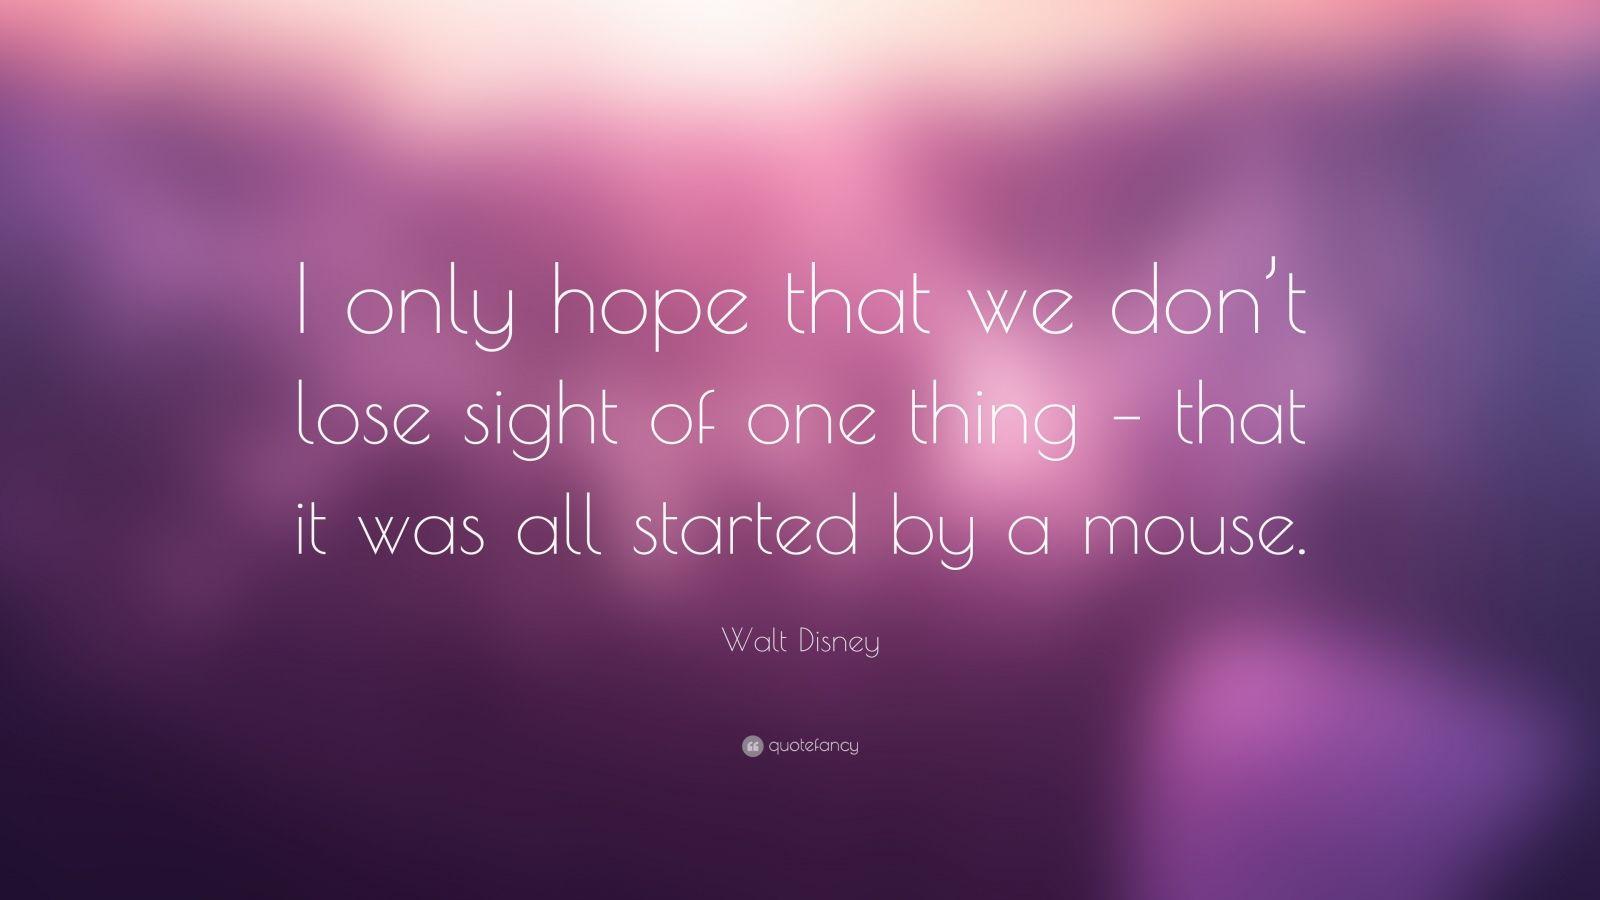 Walt Disney Quotes 100 Wallpapers Quotefancy